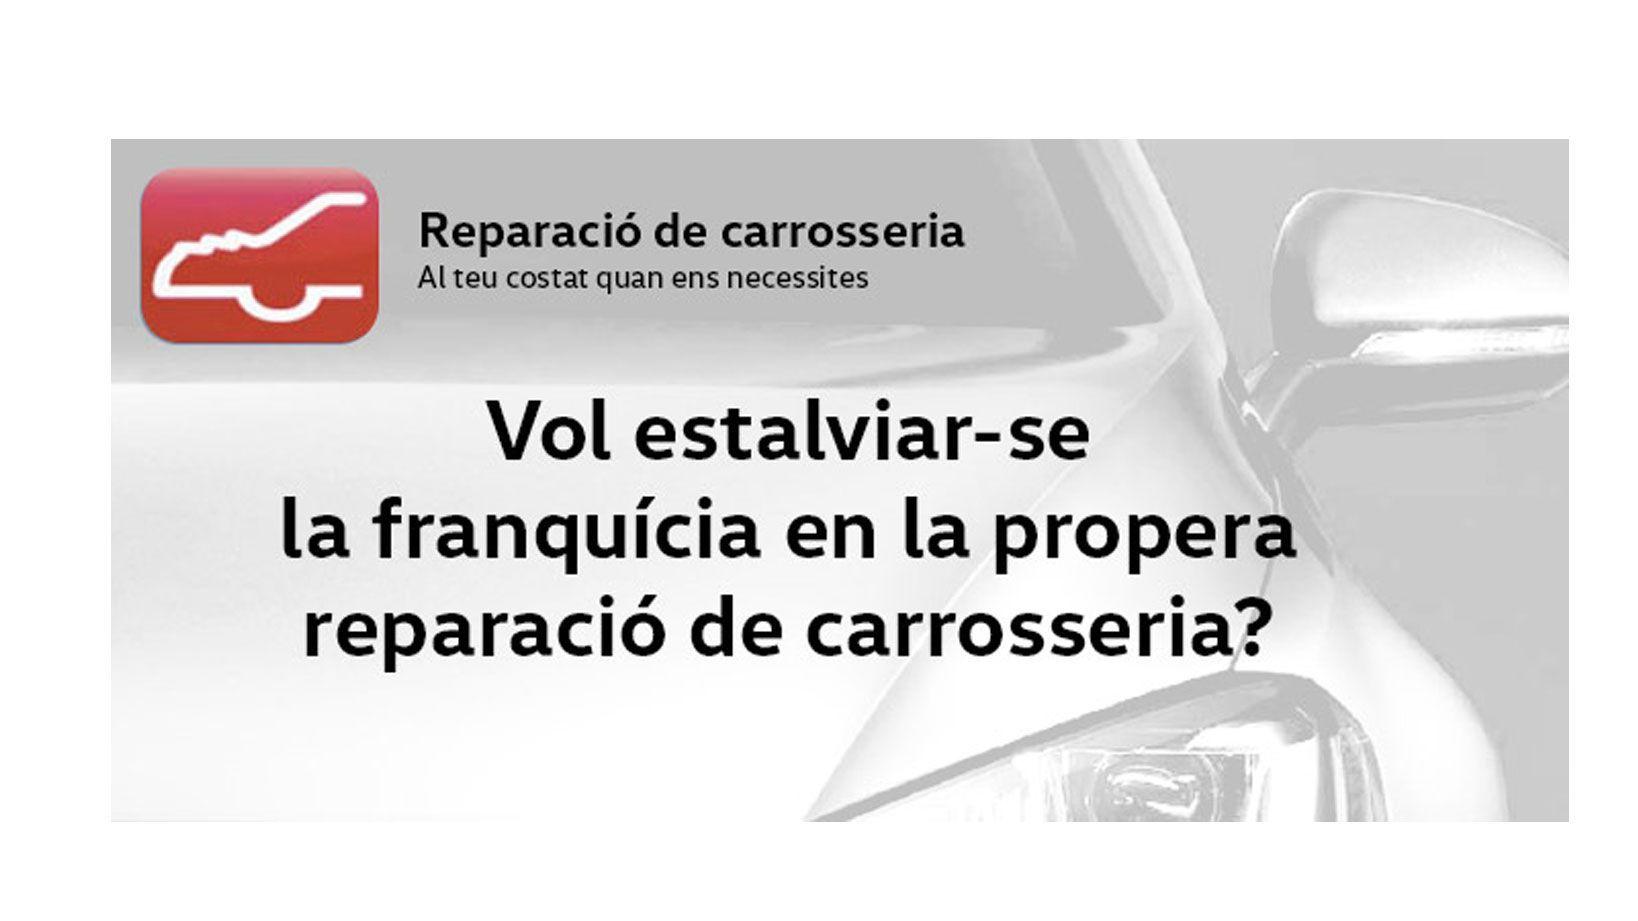 Porti el seu cotxe a Reusmòbil i la franquícia li pot sortir gratis